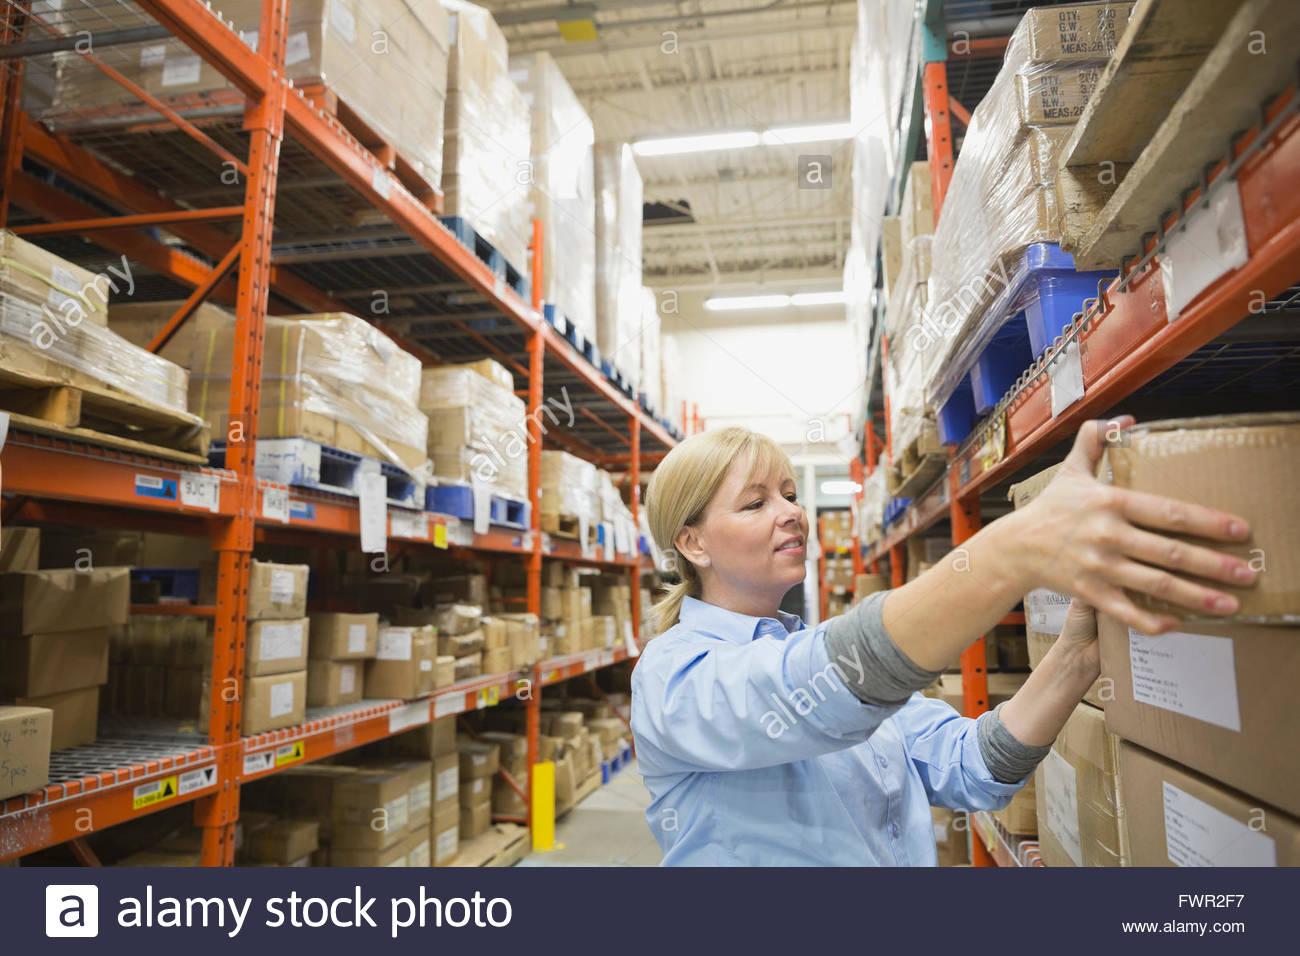 Trabajadora organizar existencias en almacén Imagen De Stock